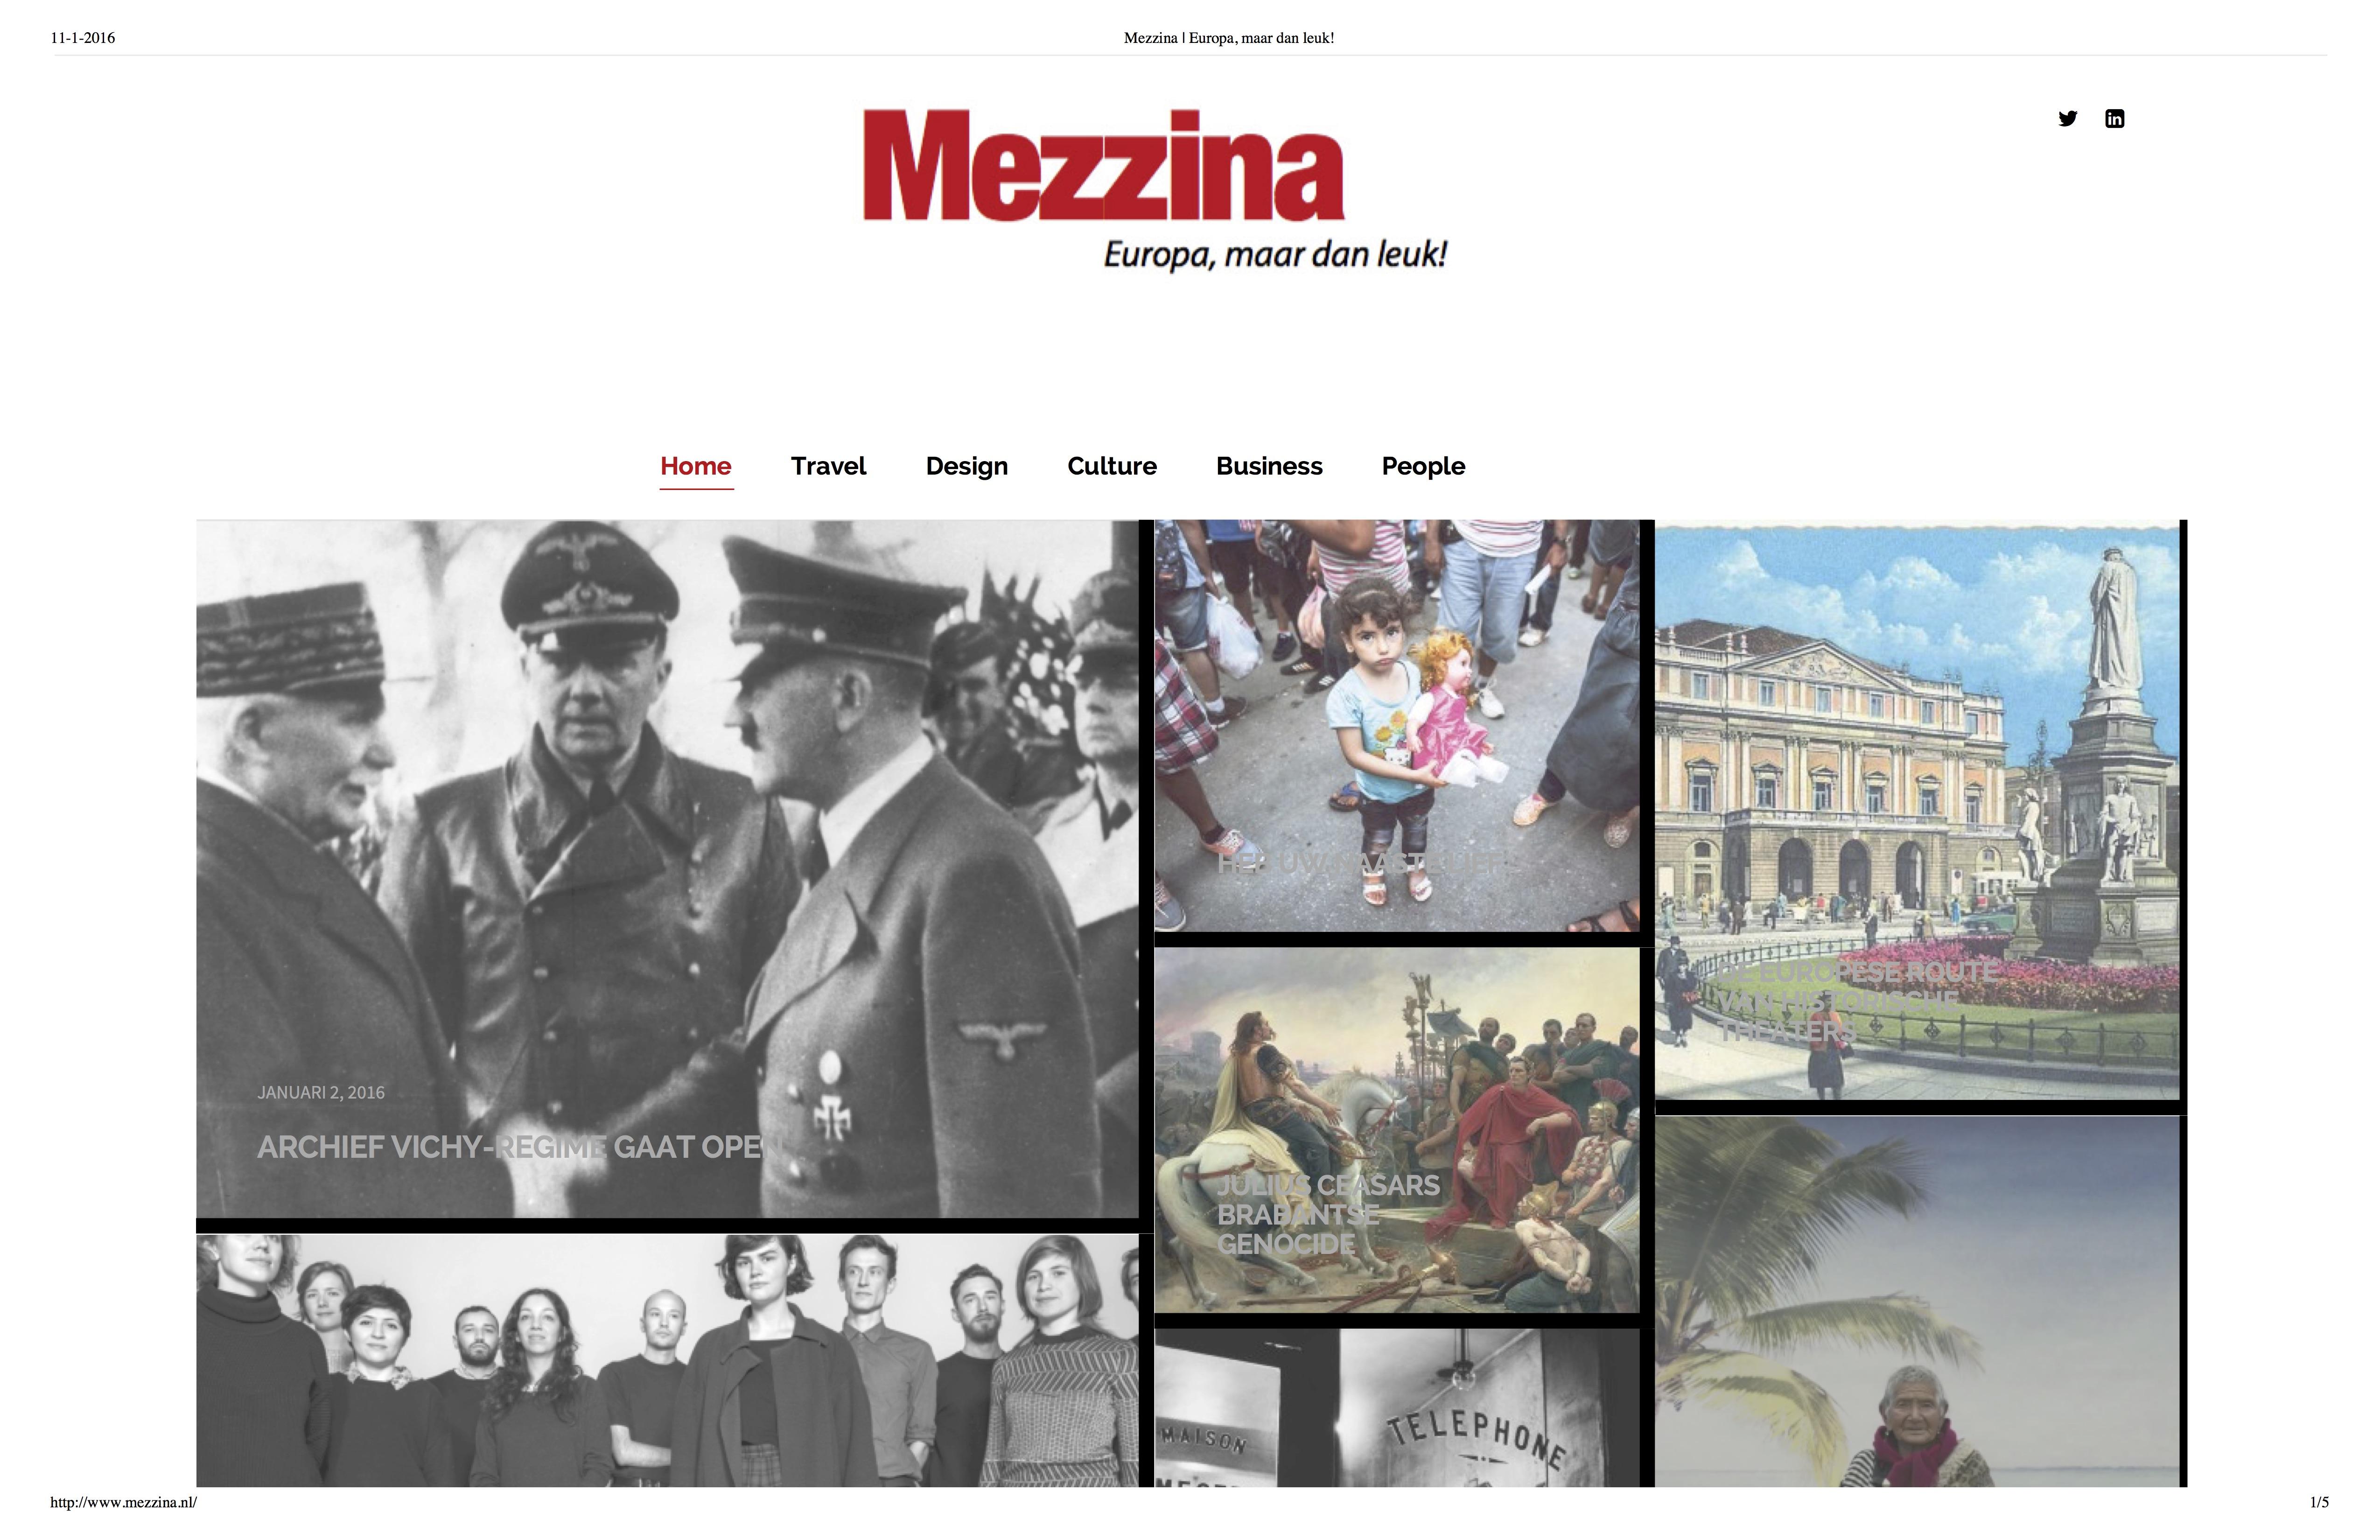 Mezzina | Europa, maar dan leuk!